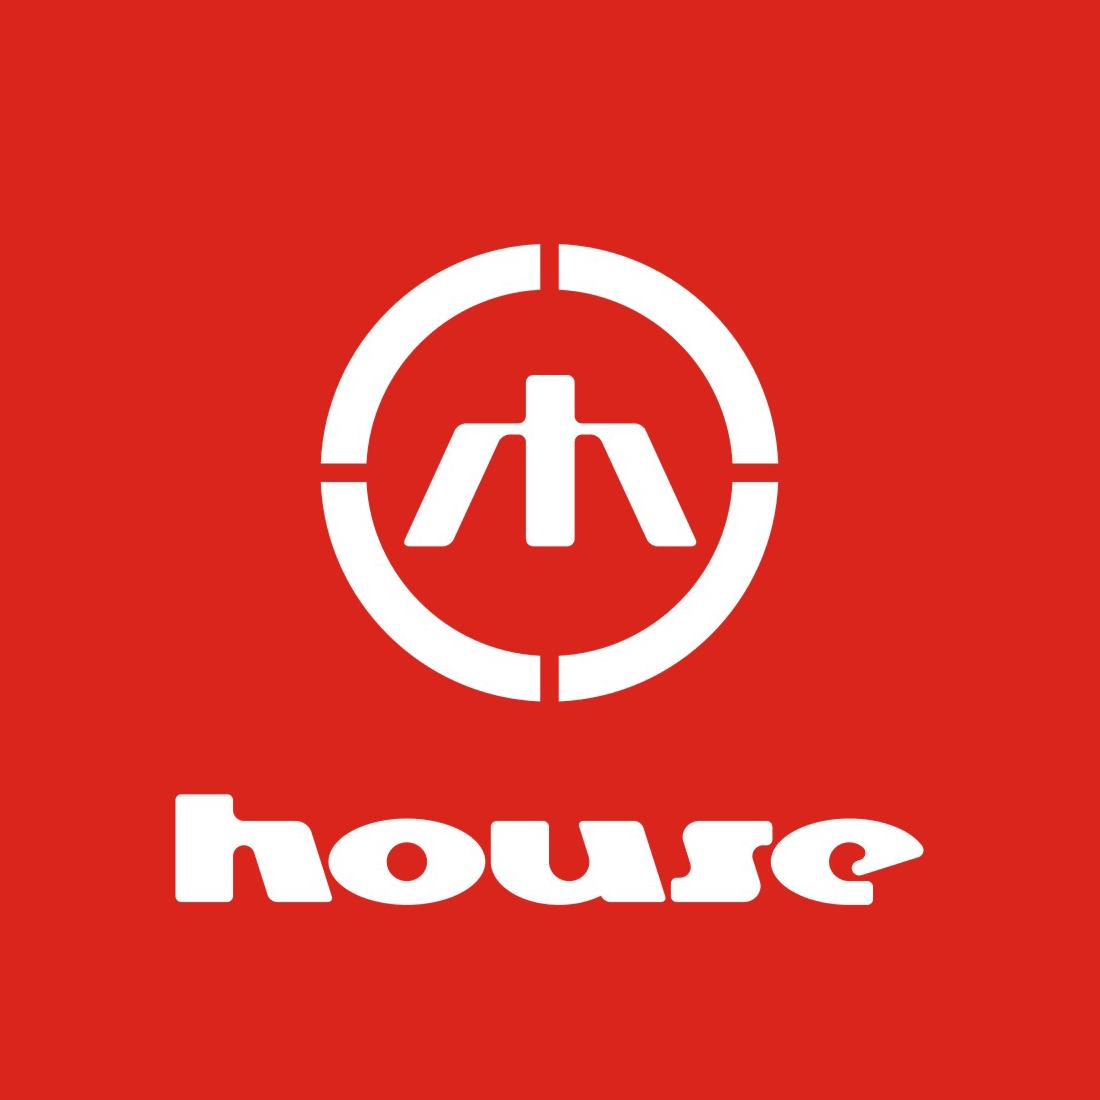 Wybrane modele kurtek, płaszczy i butów taniej o -40% (także przecenione modele) @ House